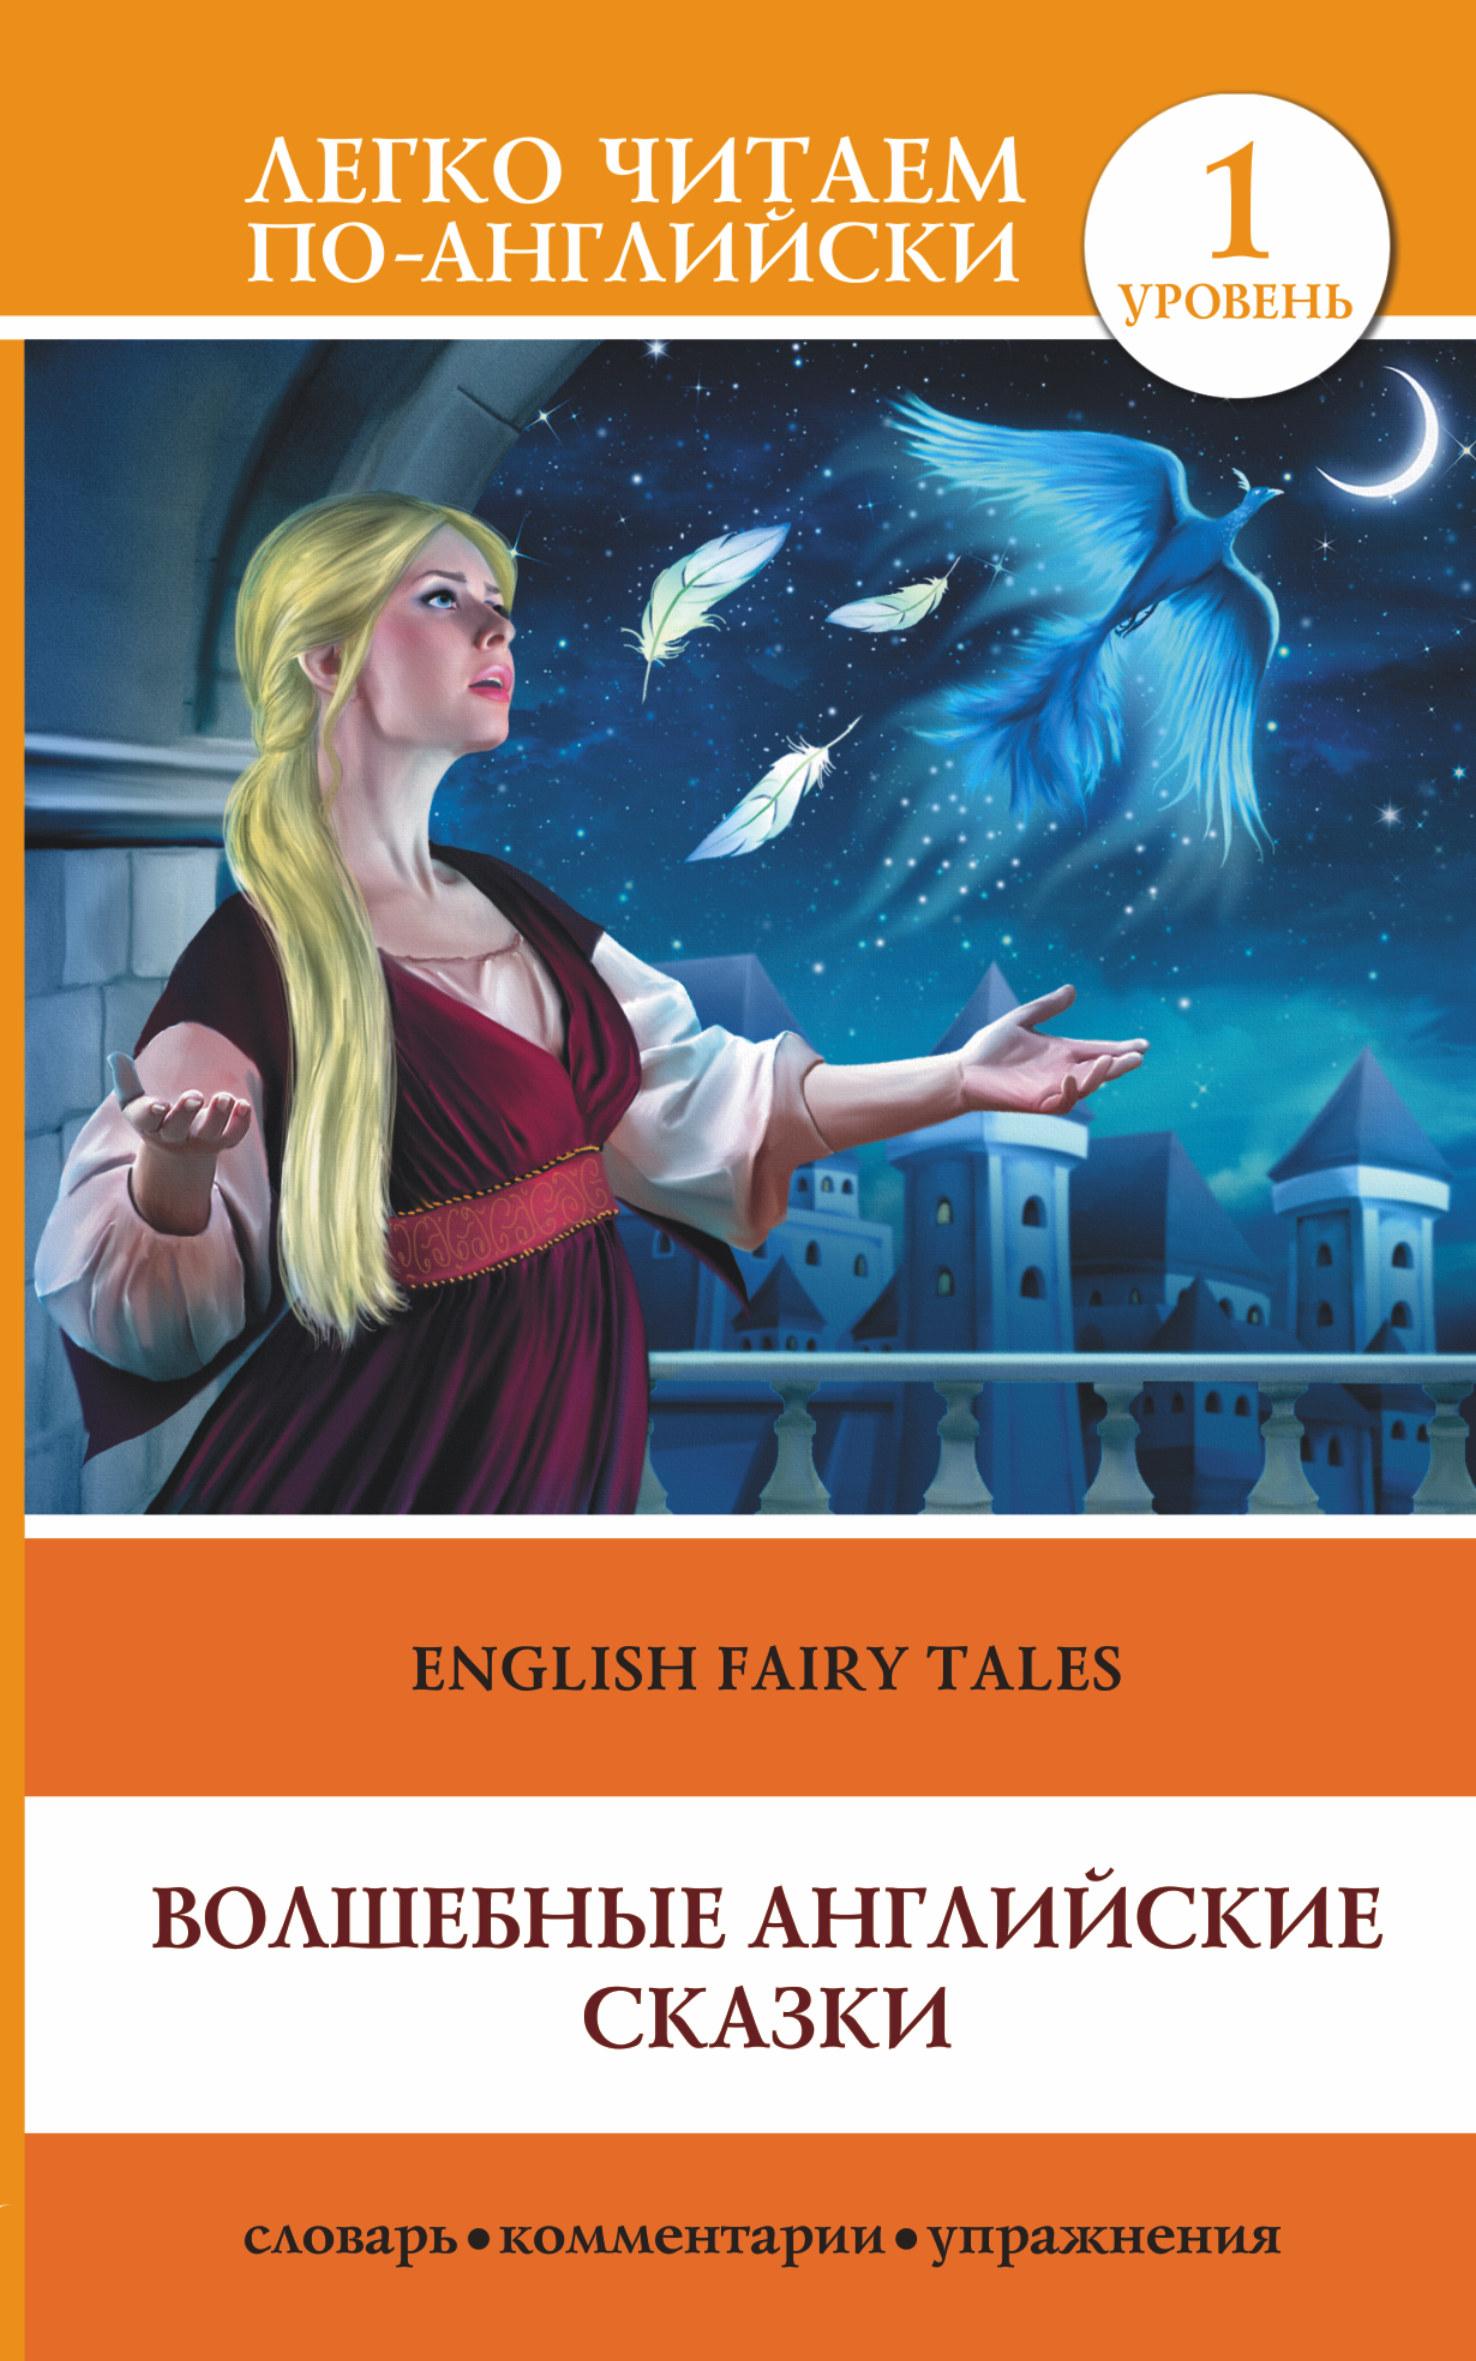 . Волшебные английские сказки = English Fairy Tales ламонова о irish fairy tales английский язык ирландские волшебные сказки